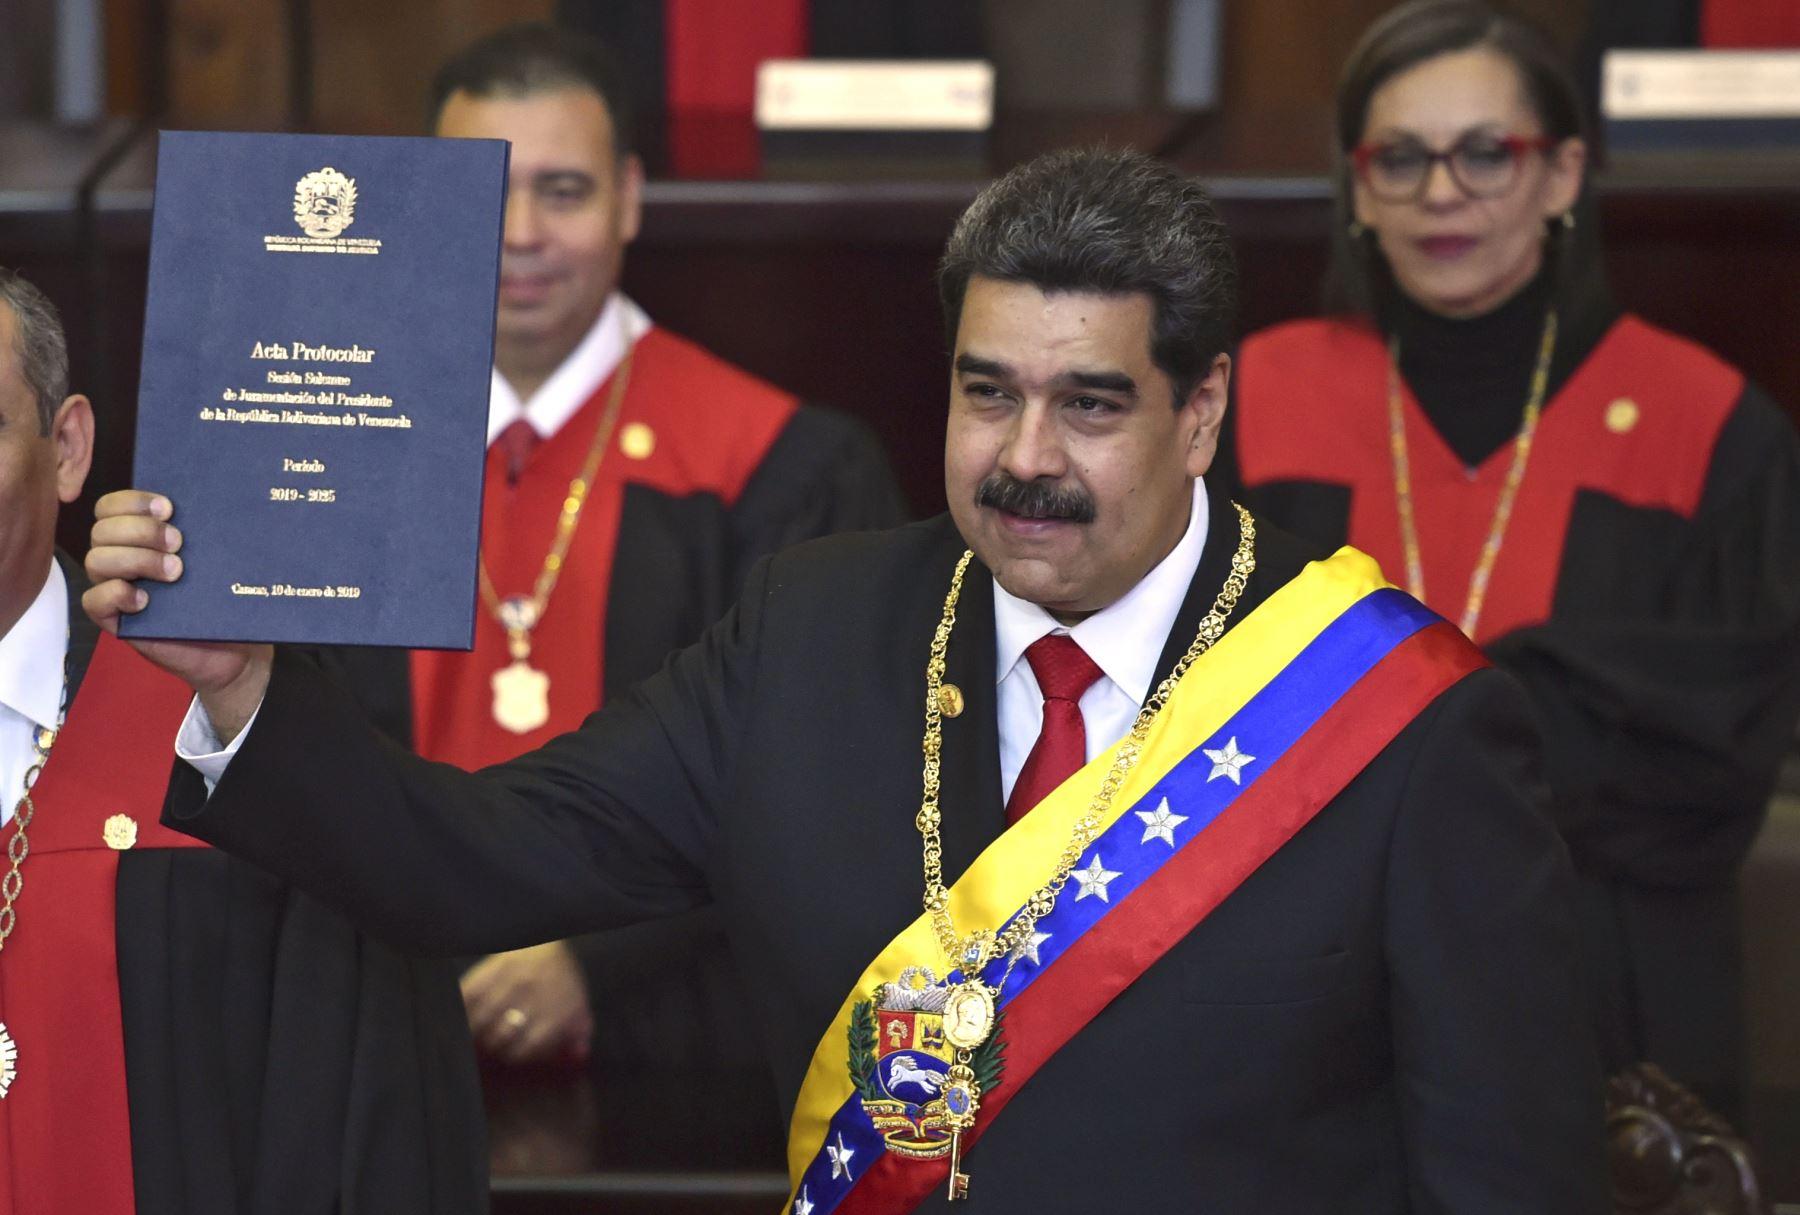 El presidente de Venezuela, Nicolás Maduro, muestra el certificado de protocolo de la ceremonia de inauguración en la sede del TSJ en Caracas. AFP